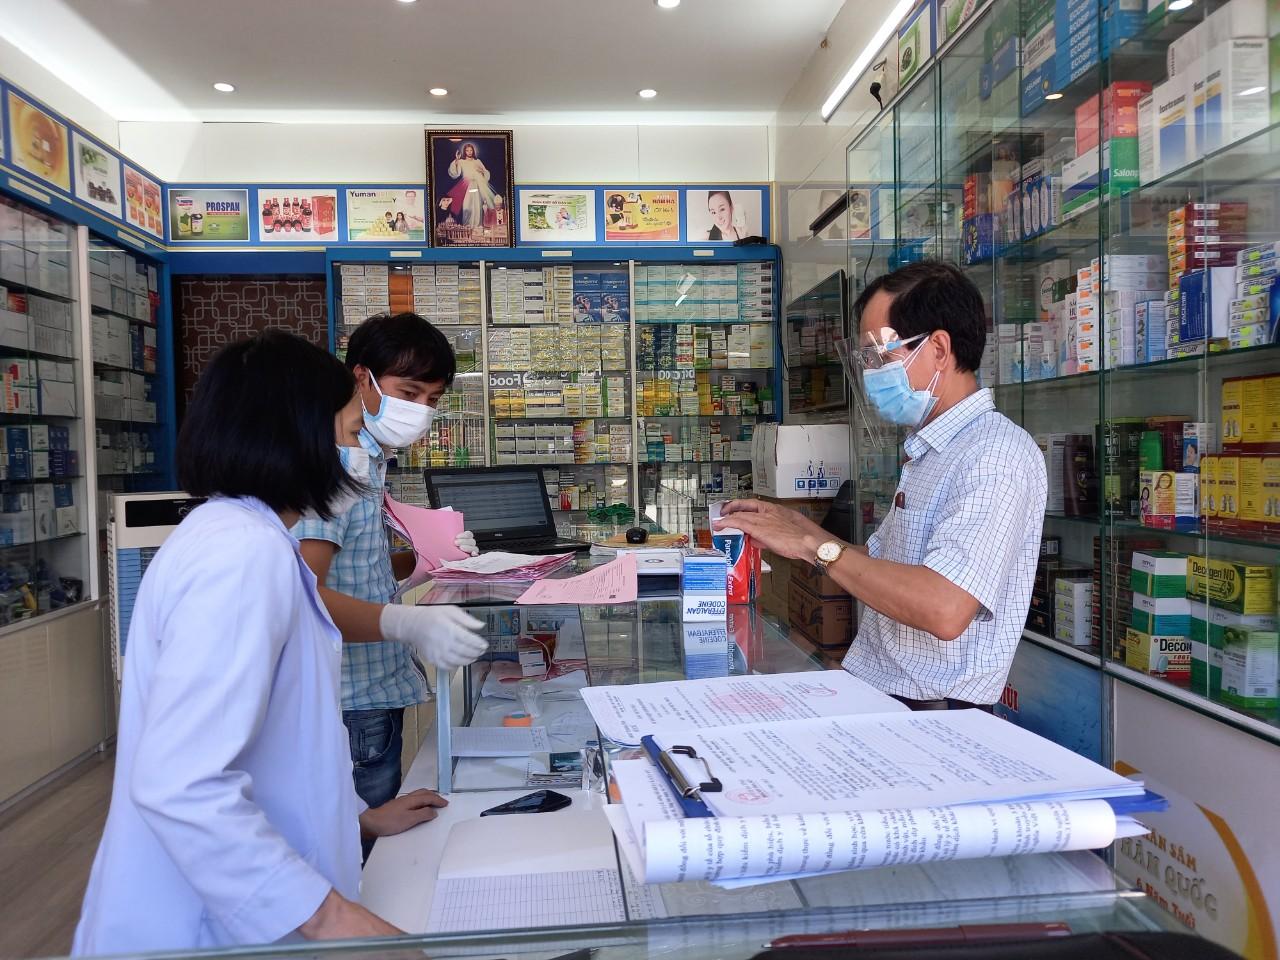 Phạt 10 cơ sở kinh doanh, bán lẻ thuốc chữa bệnh không tuân thủ các biện pháp phòng, chống dịch - Ảnh 1.